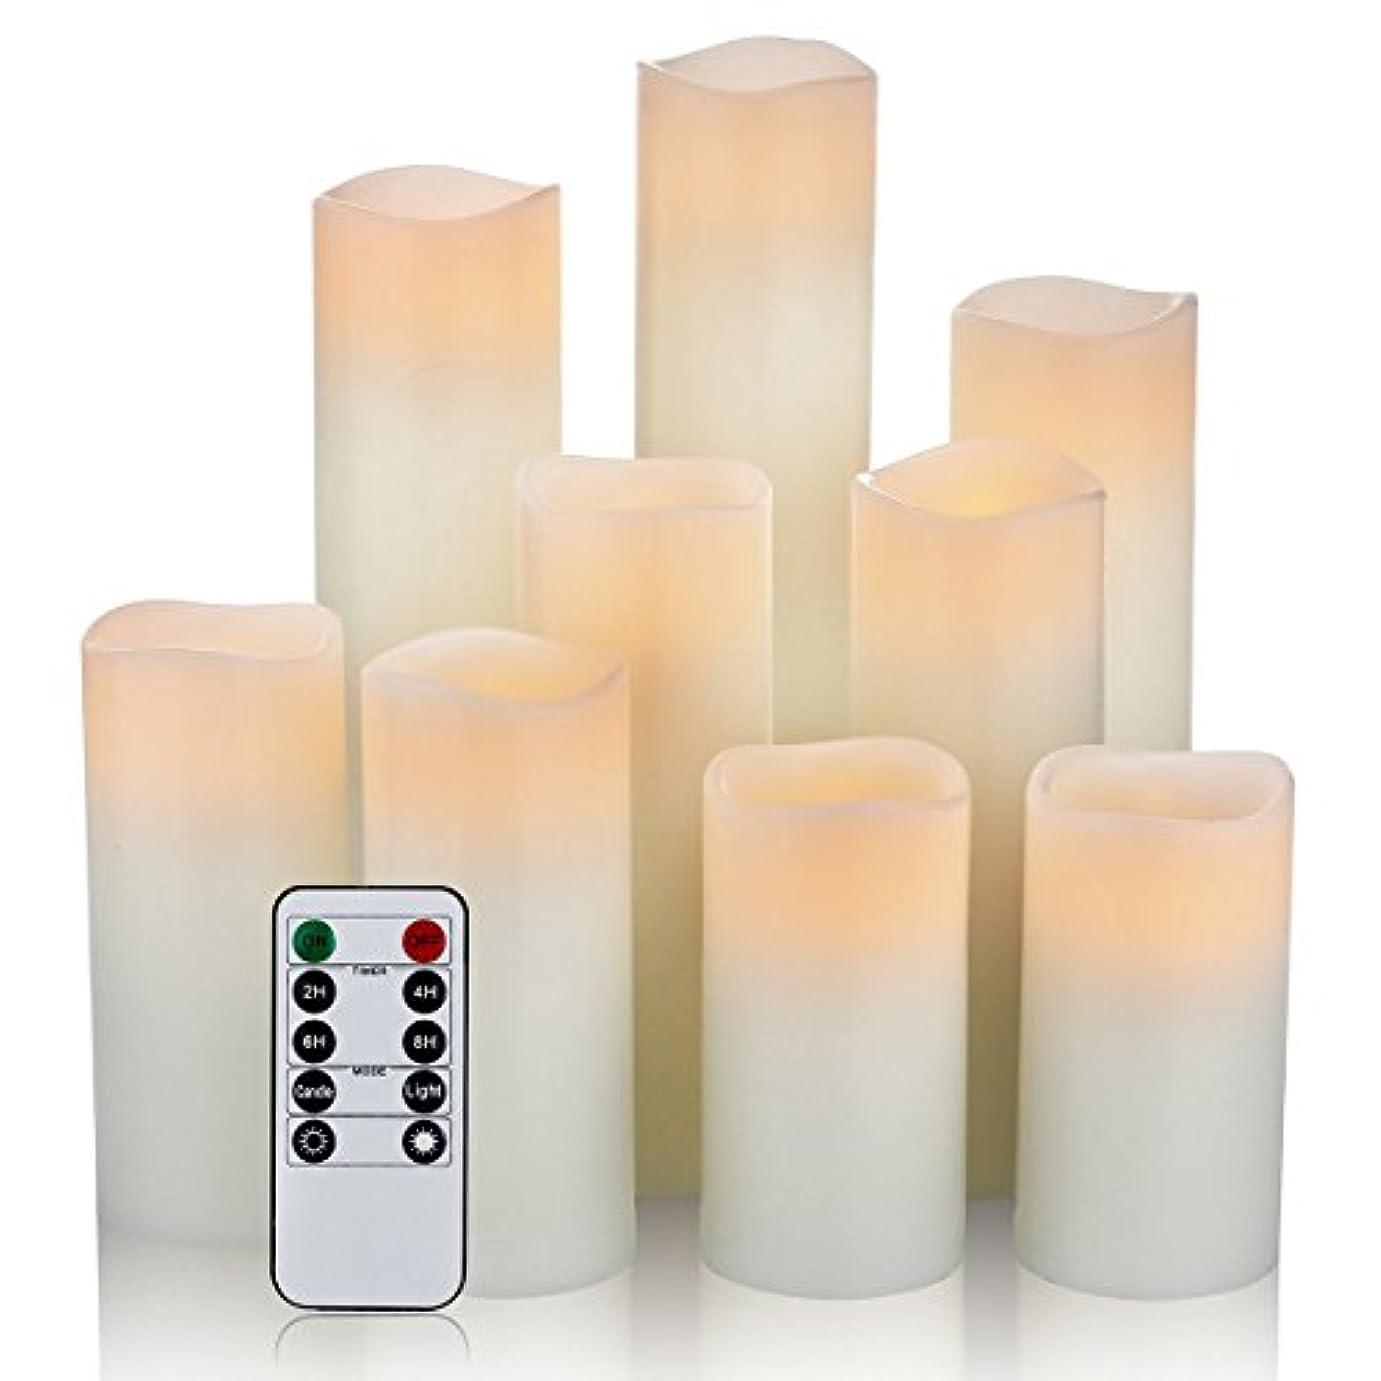 口述する学校信仰(9pc - 2.2 Diameter) - One World Magic Candle Set - Flameless, Battery Operated Real Wax Ivory Pillar Vanilla...